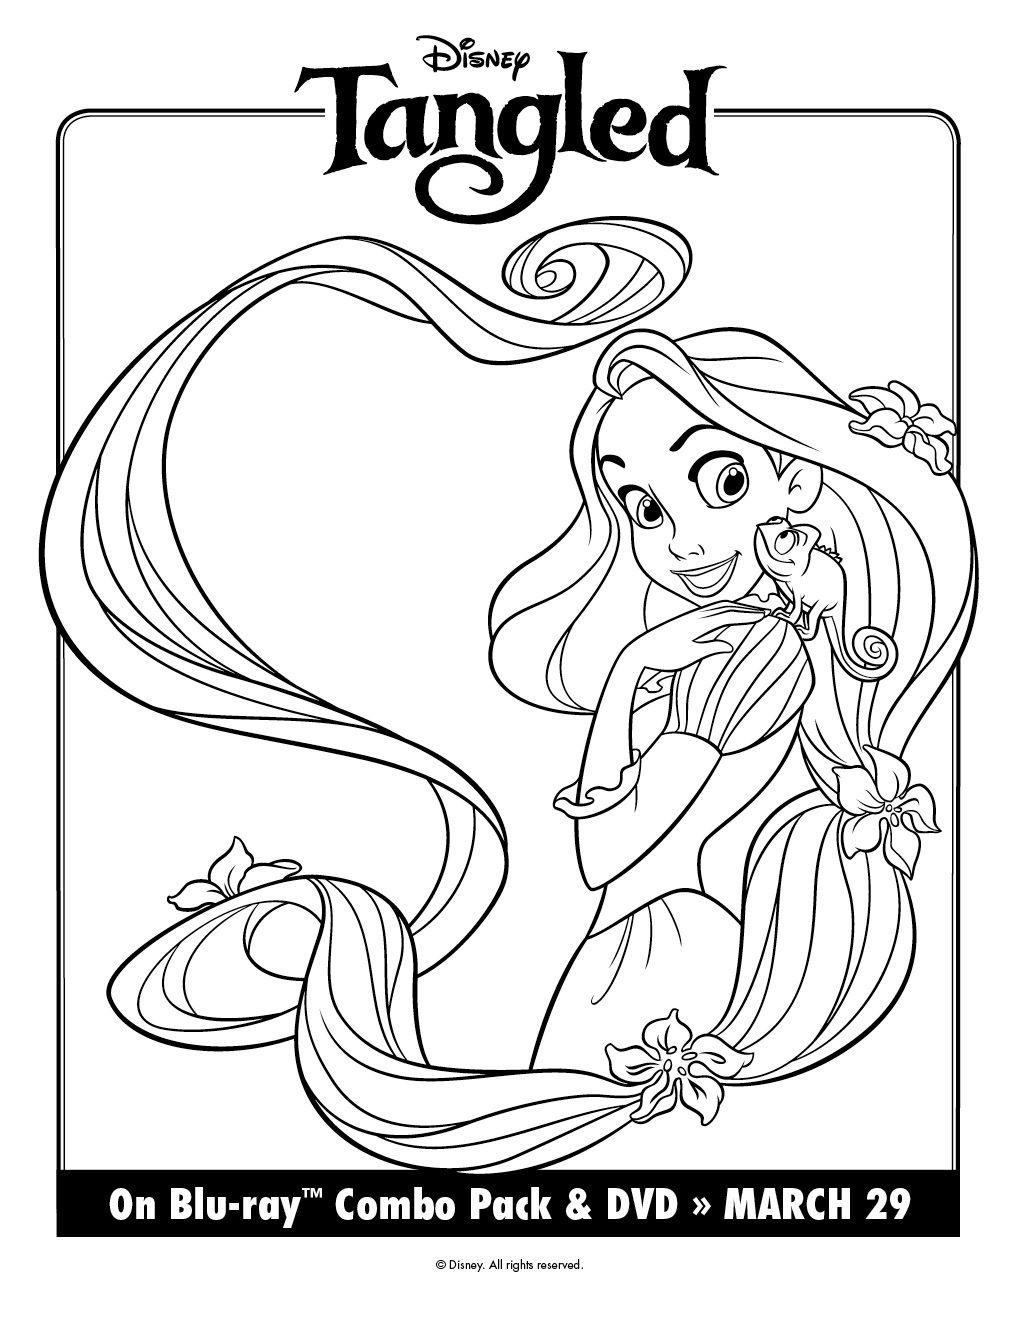 Más Dibujos Para Colorear De Enredados Con Rapunzel Rapunzel Dibujo Páginas Para Colorear Disney Páginas Para Colorear